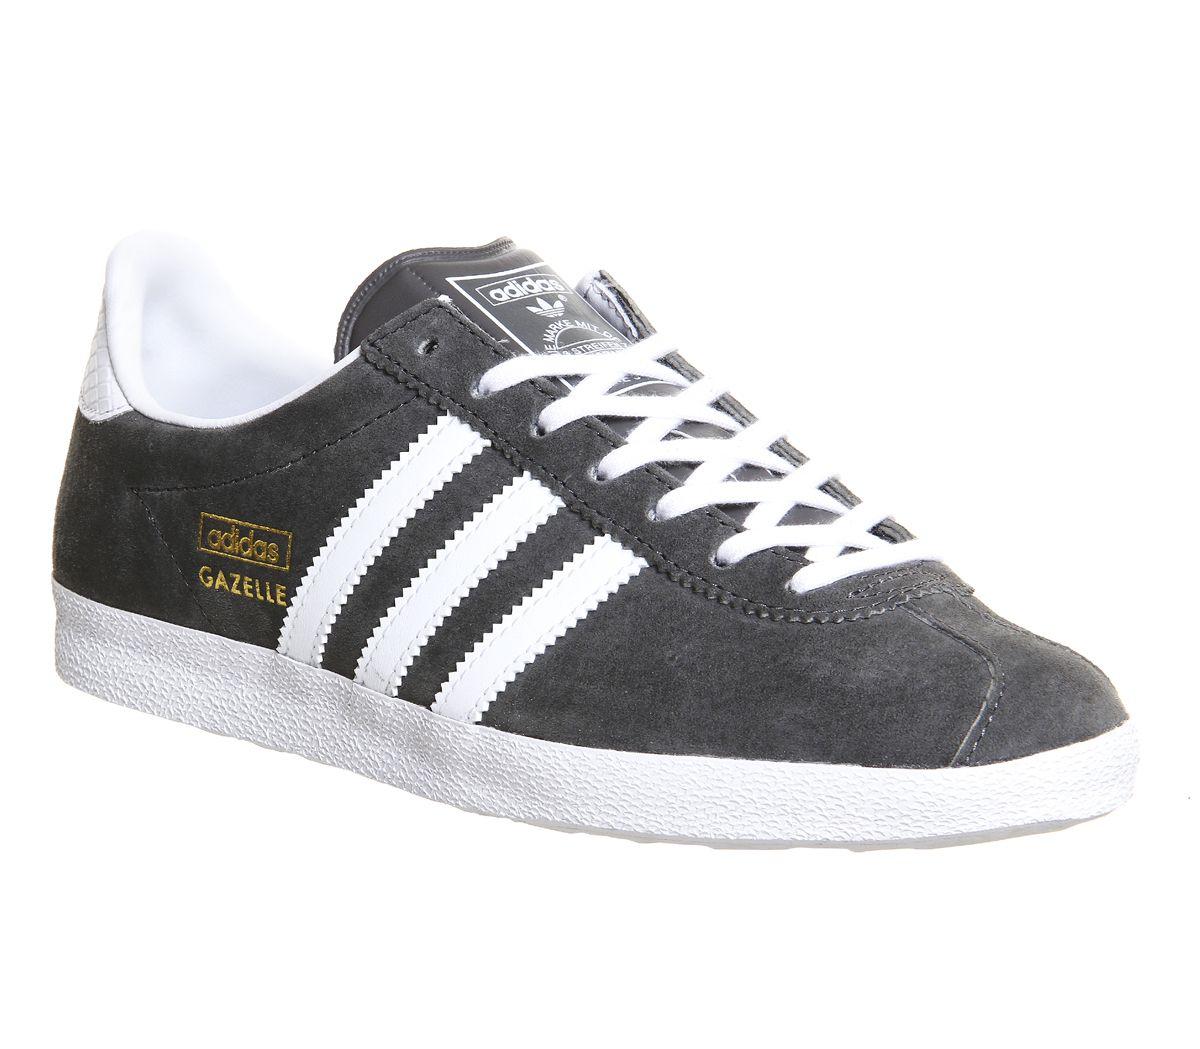 Buy Ash White Metallic Gold Adidas Gazelle Og W from OFFICE.co.uk.